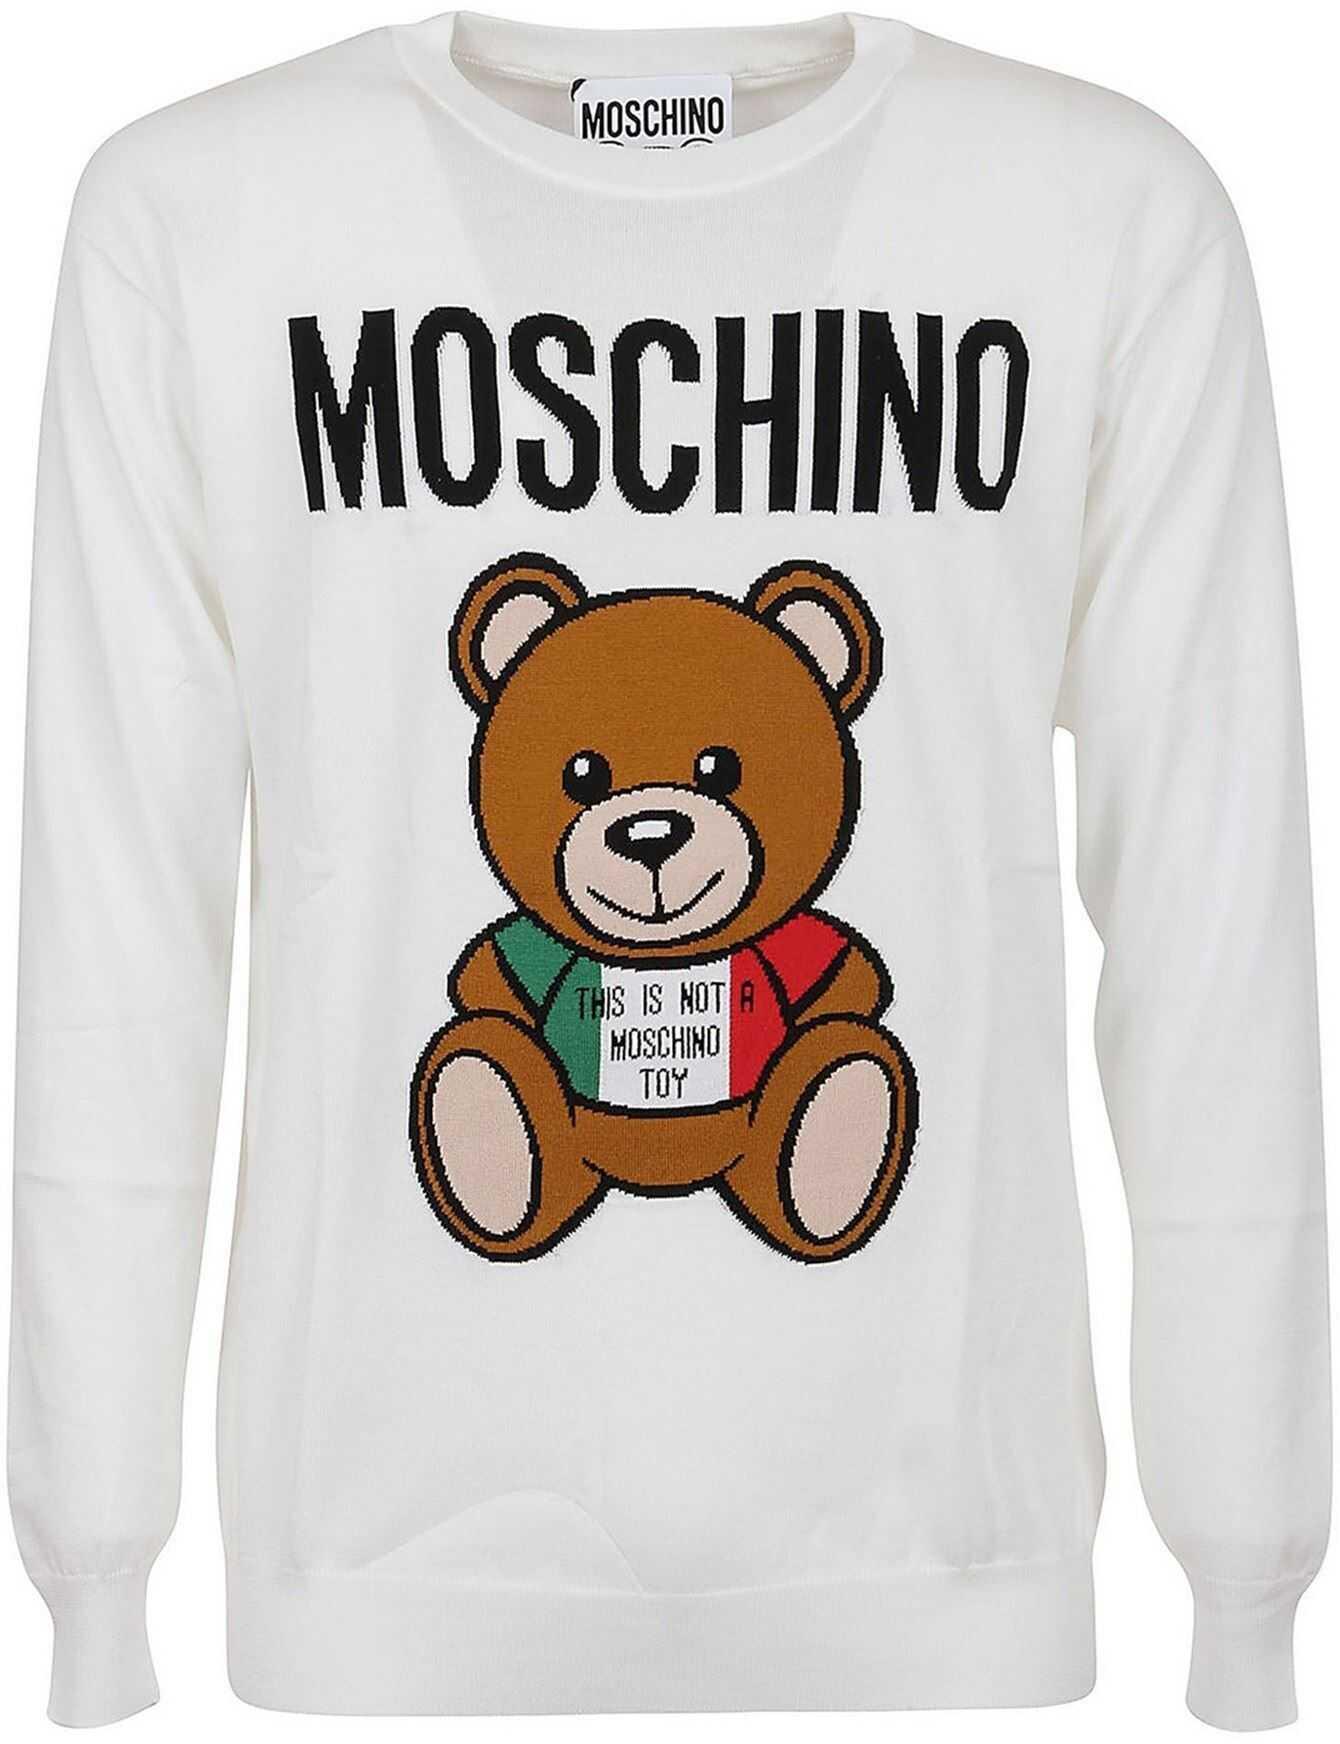 Moschino Italian Teddy Cotton Jumper In White White imagine